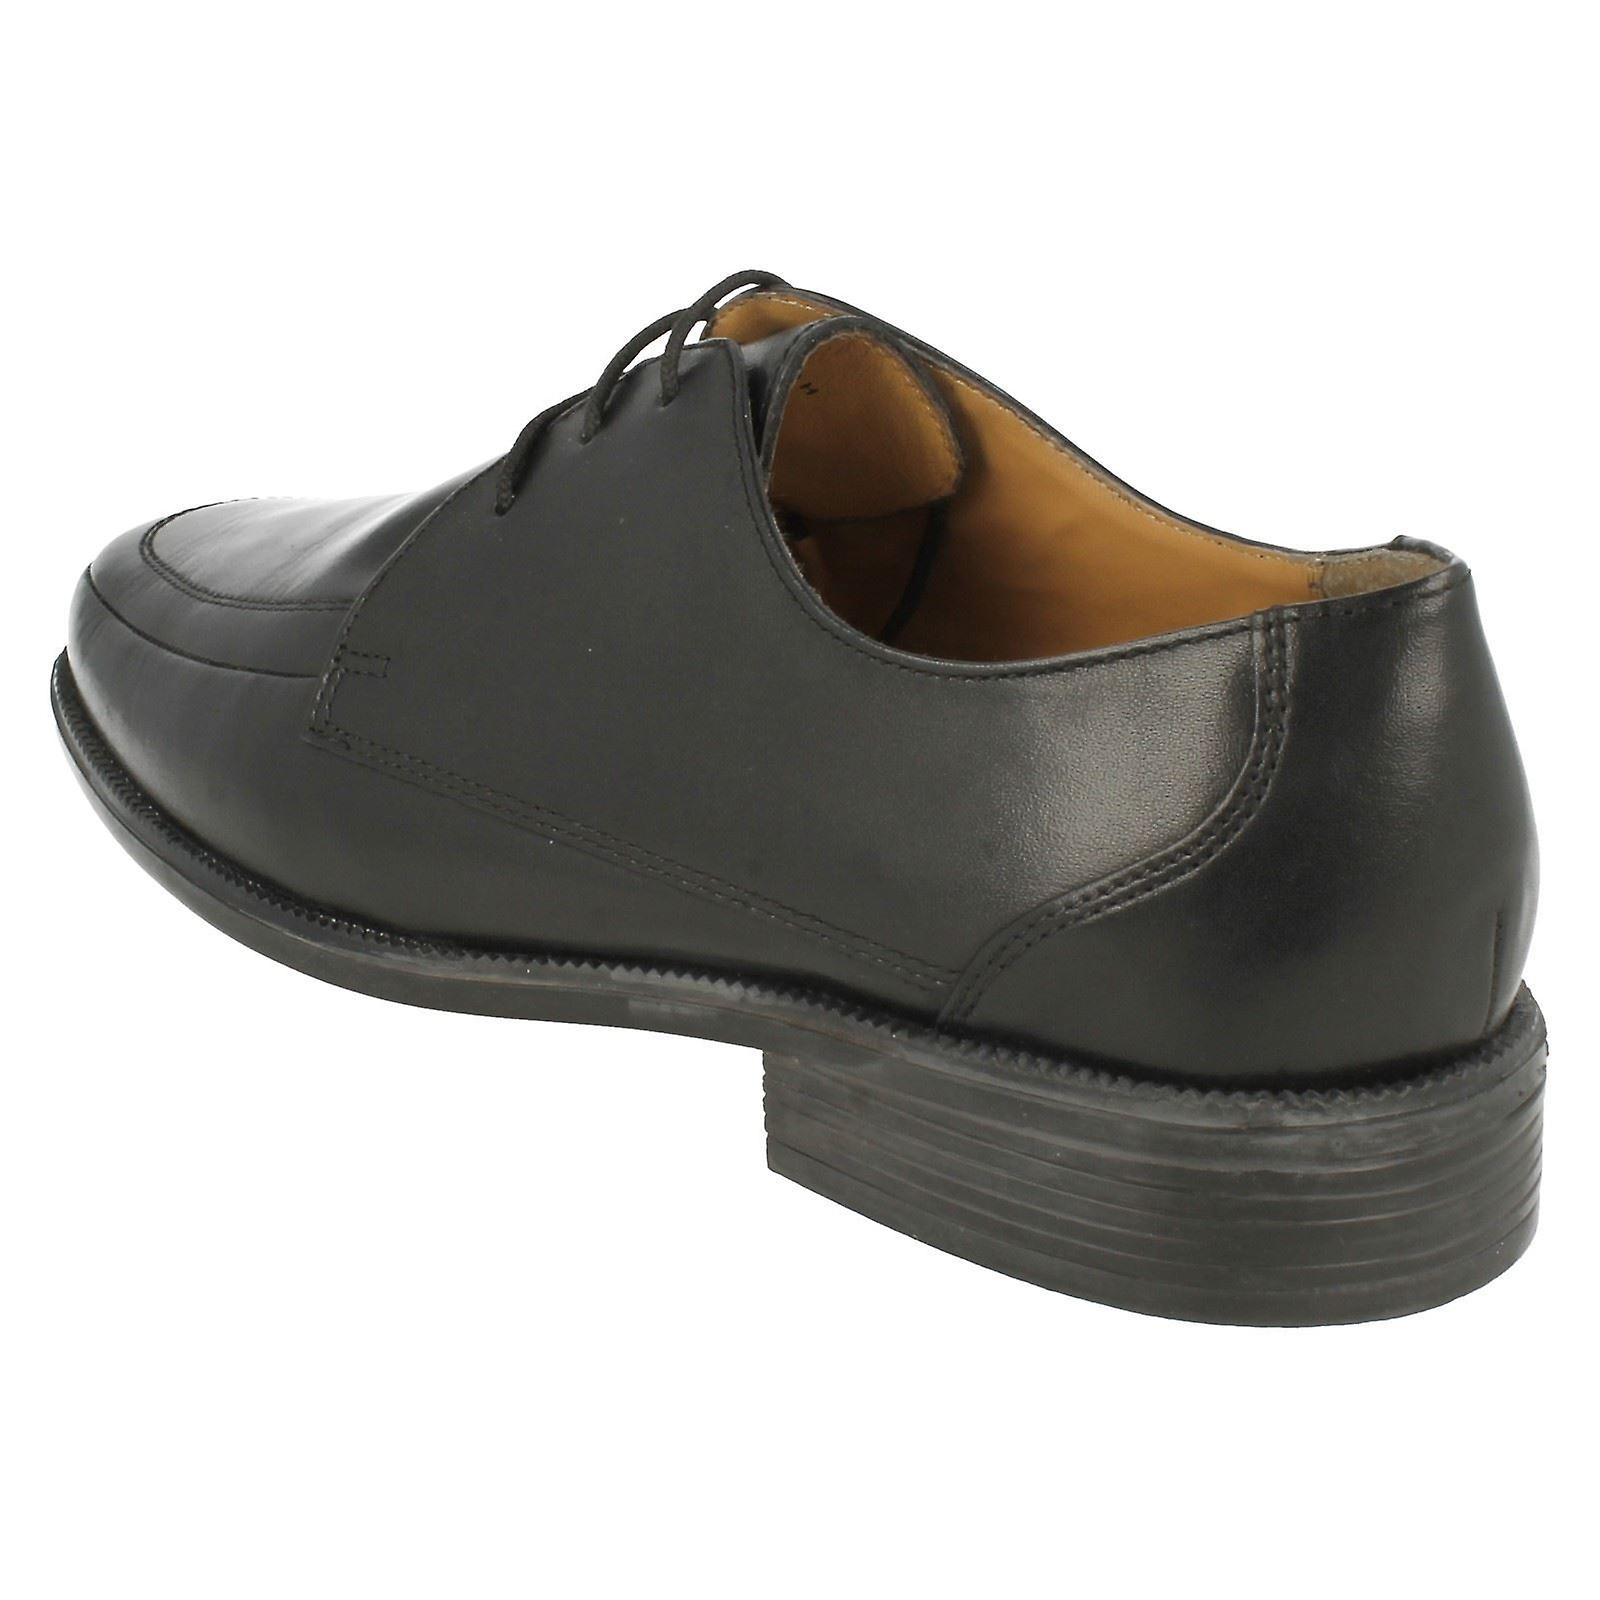 mens clarks extra larghi allacciarsi le scarpe astuto astuto astuto formale stile | Buona qualità  | Forte calore e resistenza al calore  | Maschio/Ragazze Scarpa  | Gentiluomo/Signora Scarpa  | Uomo/Donne Scarpa  9e44a5